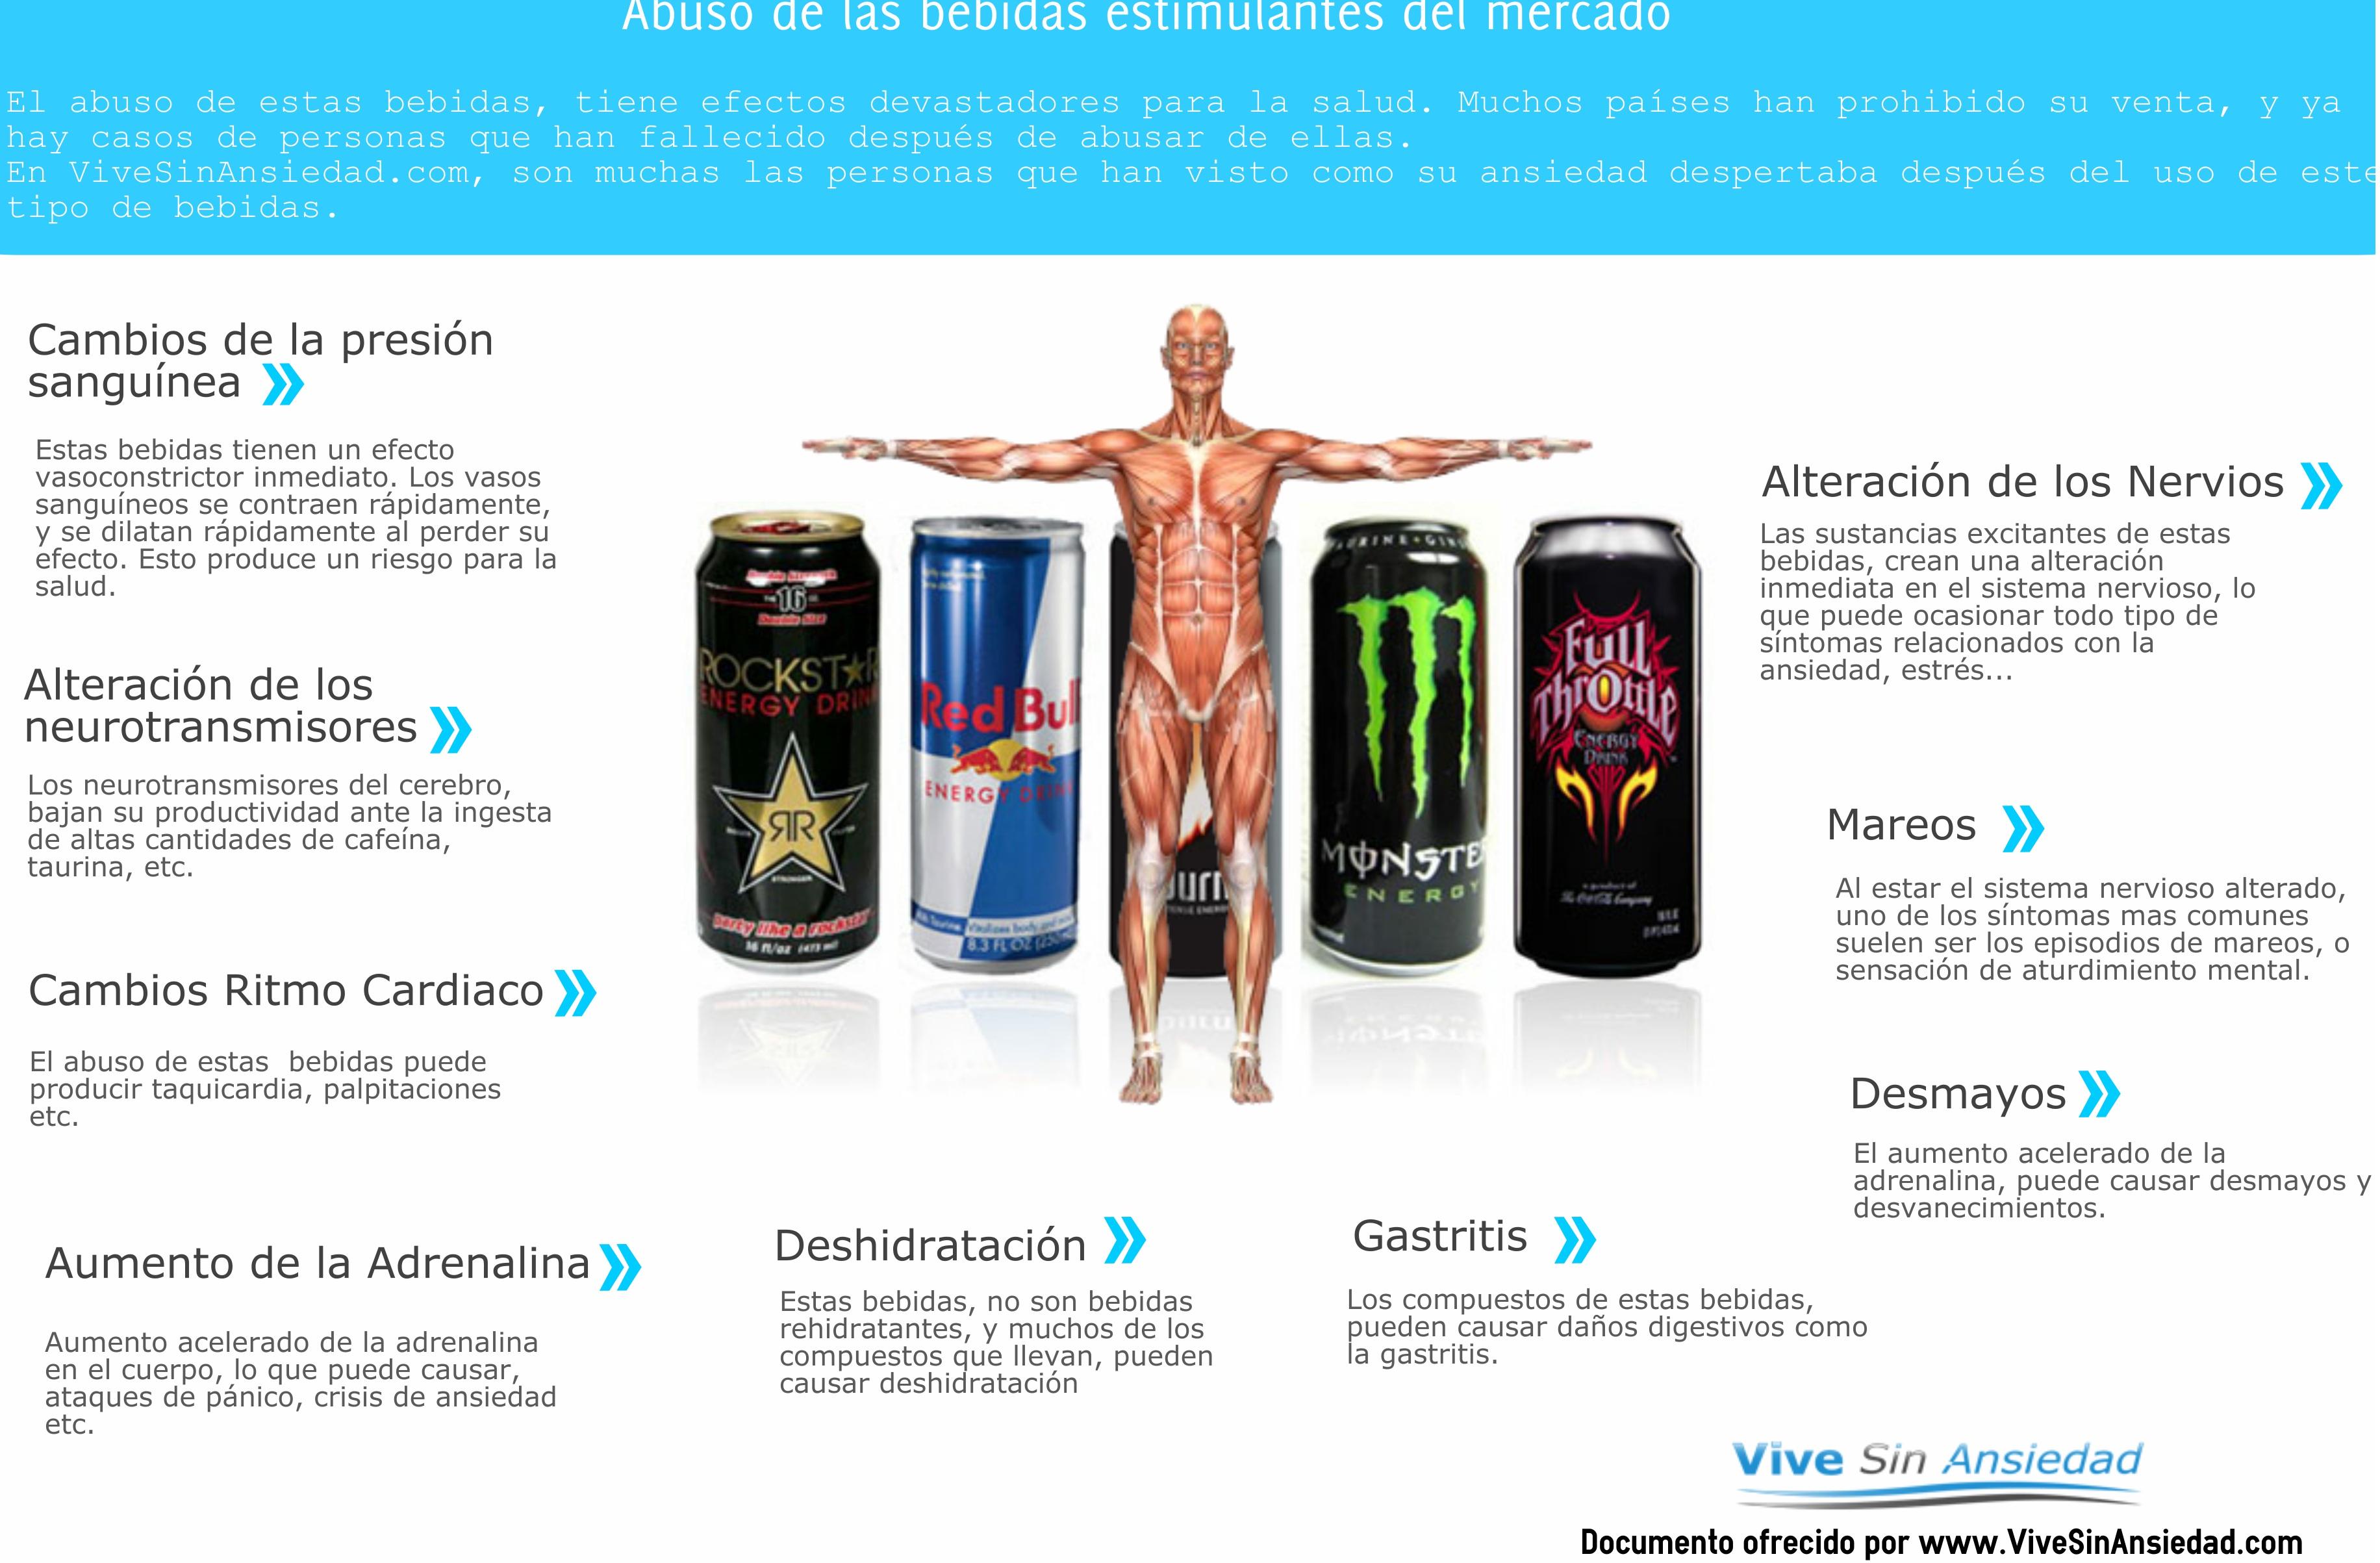 Abuso-Bebidas-Estimulantes